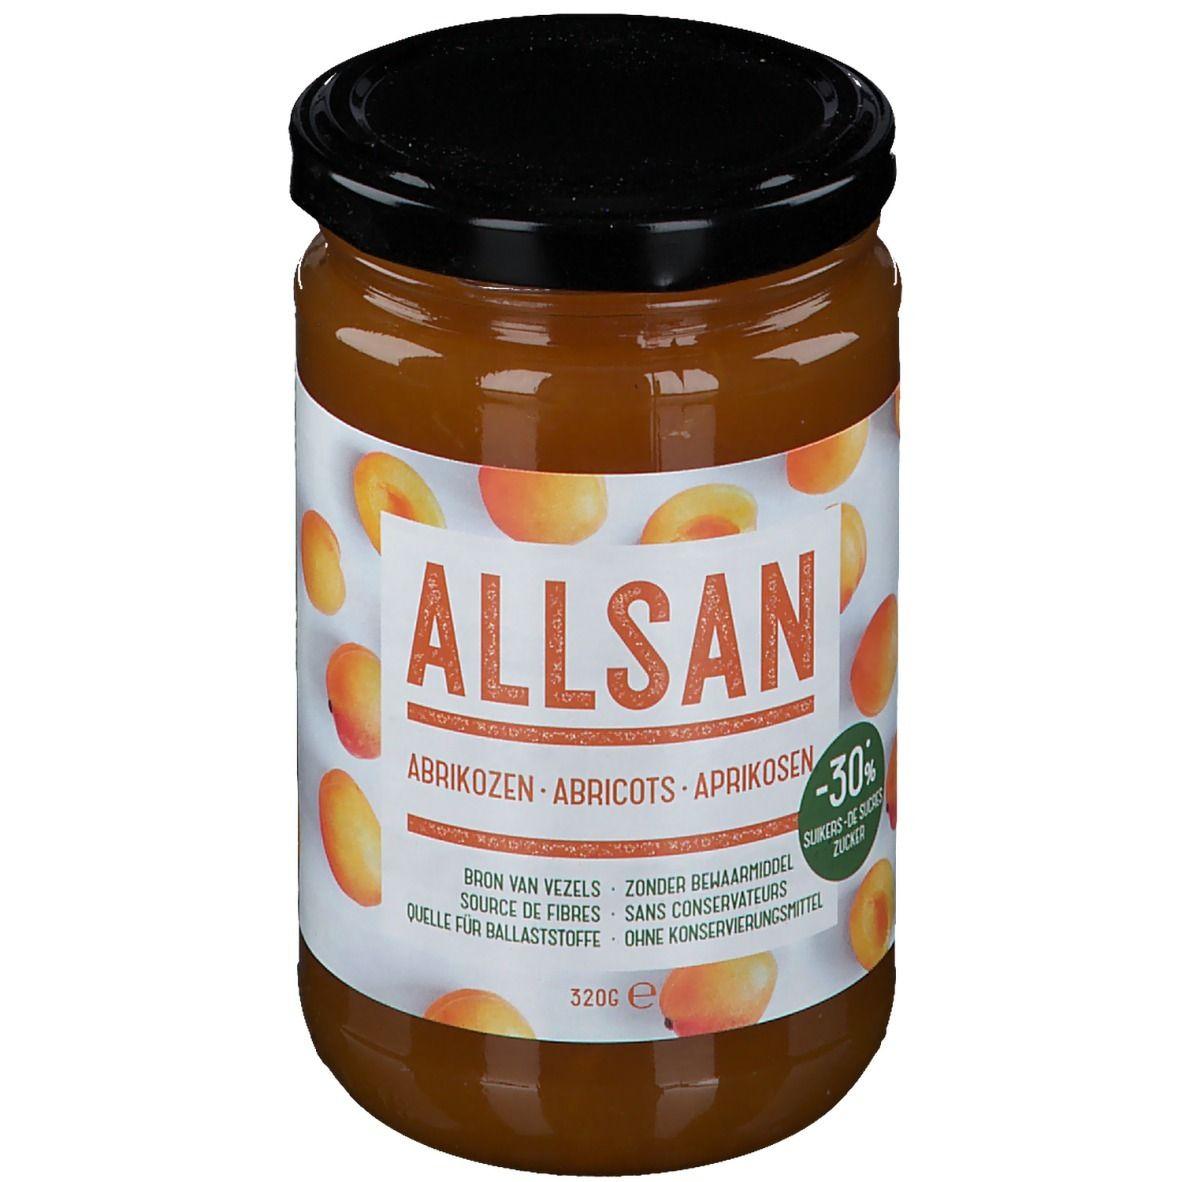 ALLSAN Pâte à tartiner Abricots g Autre